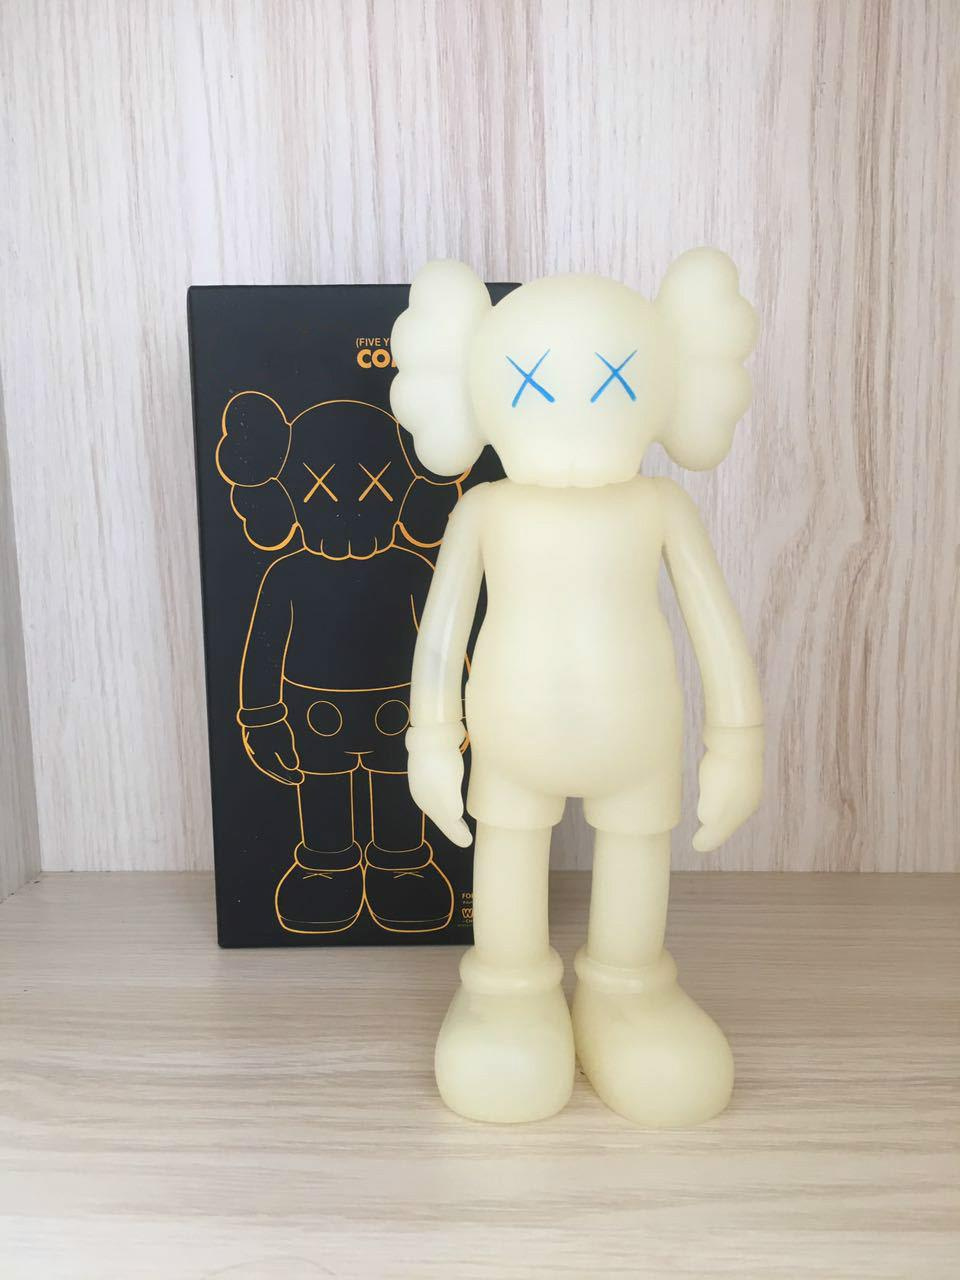 تصميم 2020 الساخن دمية الفن الحديث 20CM كوس مصغرة smlll لعبة الكذب رفيق الفينيل مخصص البلاستيكية الكتابة على الجدران فن لعبة كوس هدية شخصية تمثال مضيئة